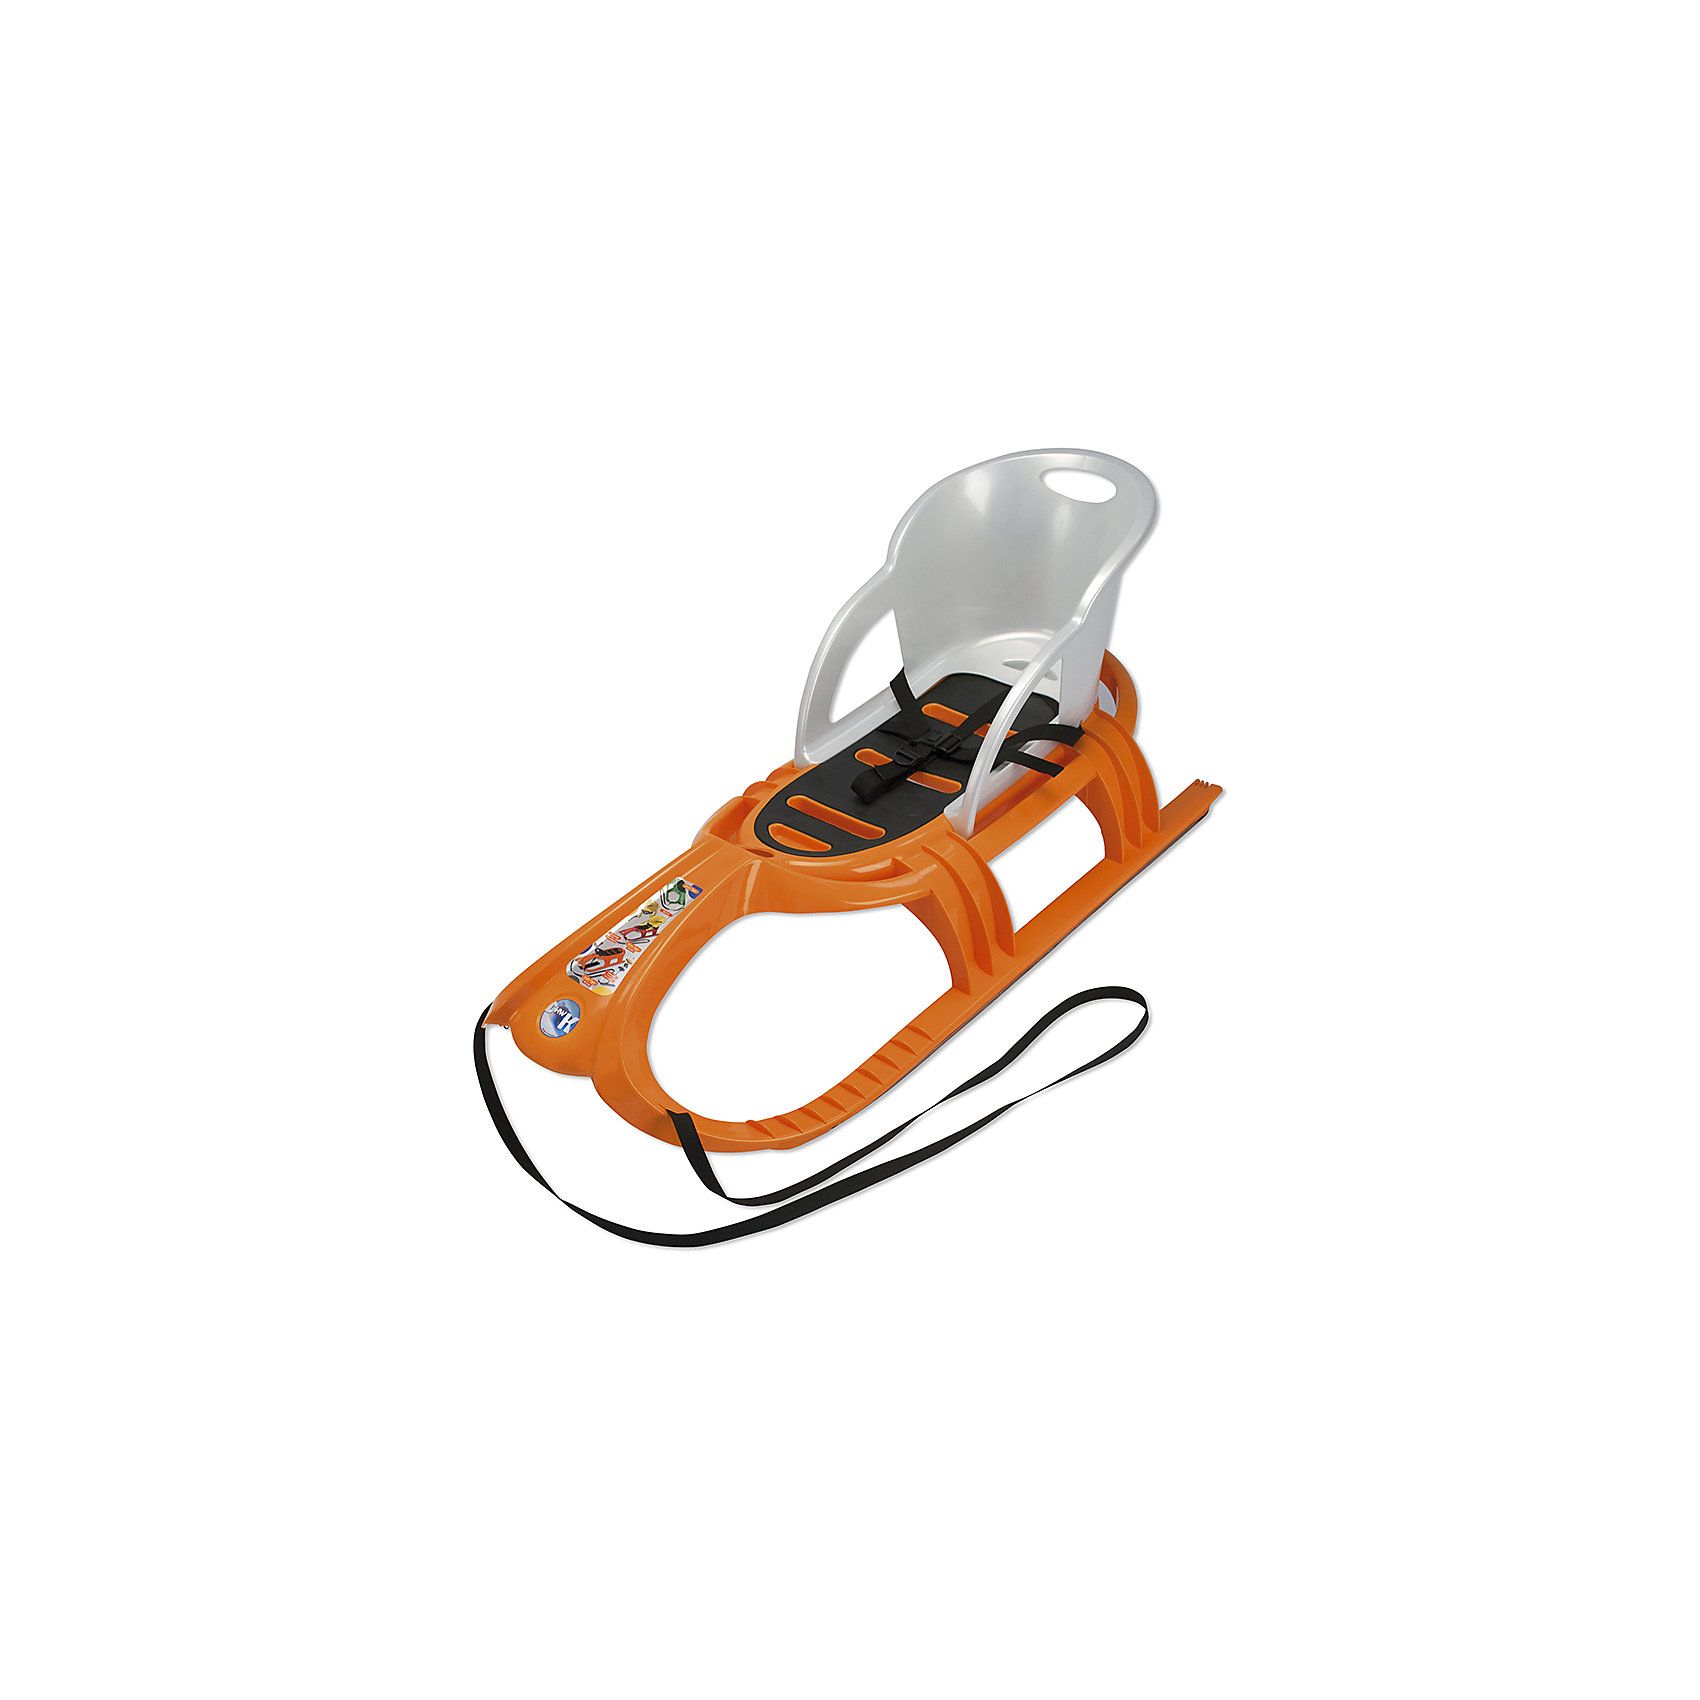 Санки детские Snow Tiger Comfort со спинкой, оранжевые, KHW